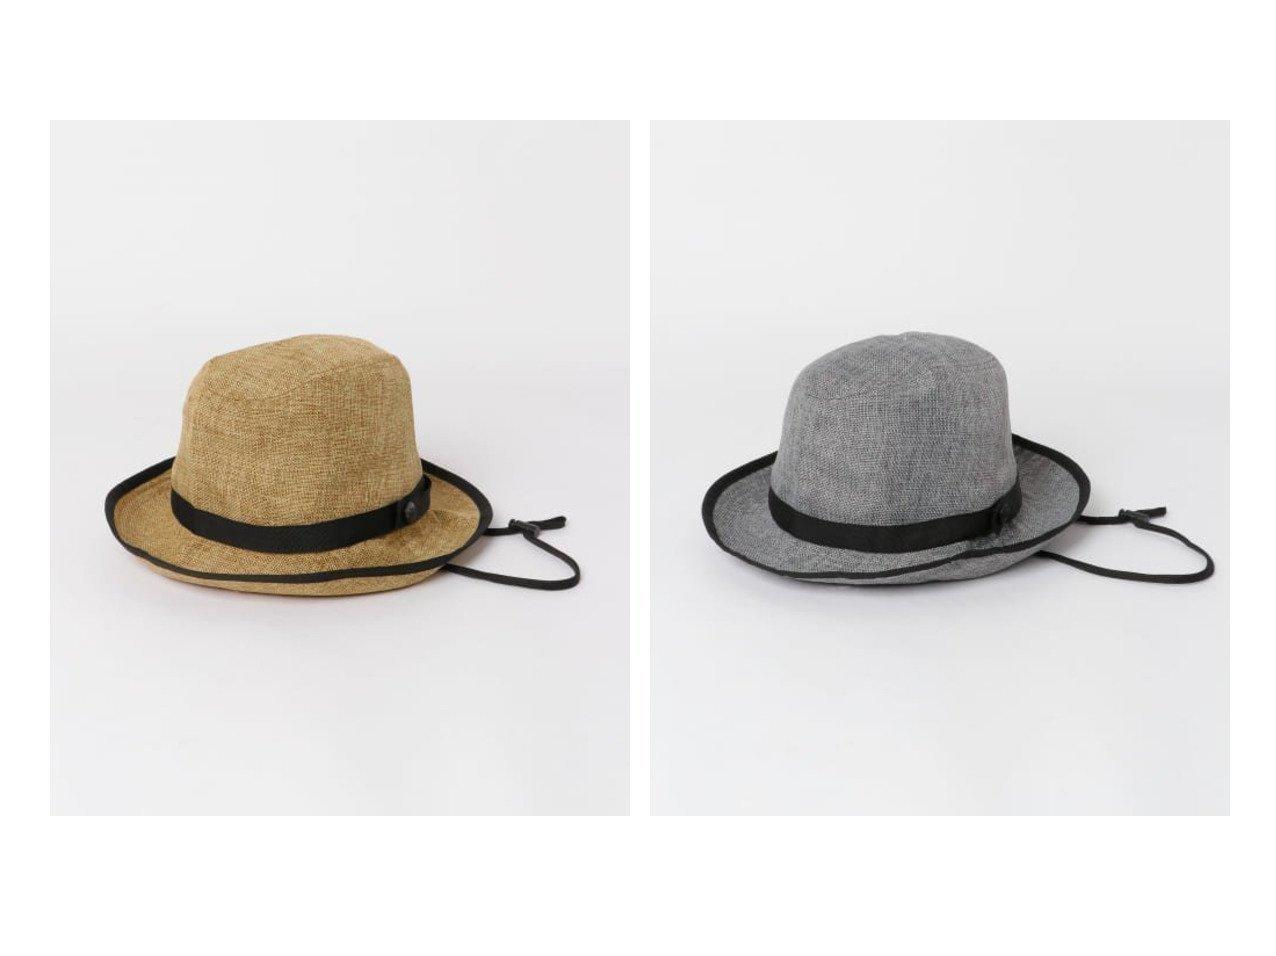 【URBAN RESEARCH DOORS / MEN/アーバンリサーチ ドアーズ】のTHE NORTH FACE HIKE Hat 【MEN】おすすめ!人気トレンド・男性、メンズファッションの通販 おすすめで人気の流行・トレンド、ファッションの通販商品 メンズファッション・キッズファッション・インテリア・家具・レディースファッション・服の通販 founy(ファニー) https://founy.com/ ファッション Fashion メンズファッション MEN アウトドア フェイス 人気 帽子  ID:crp329100000019709